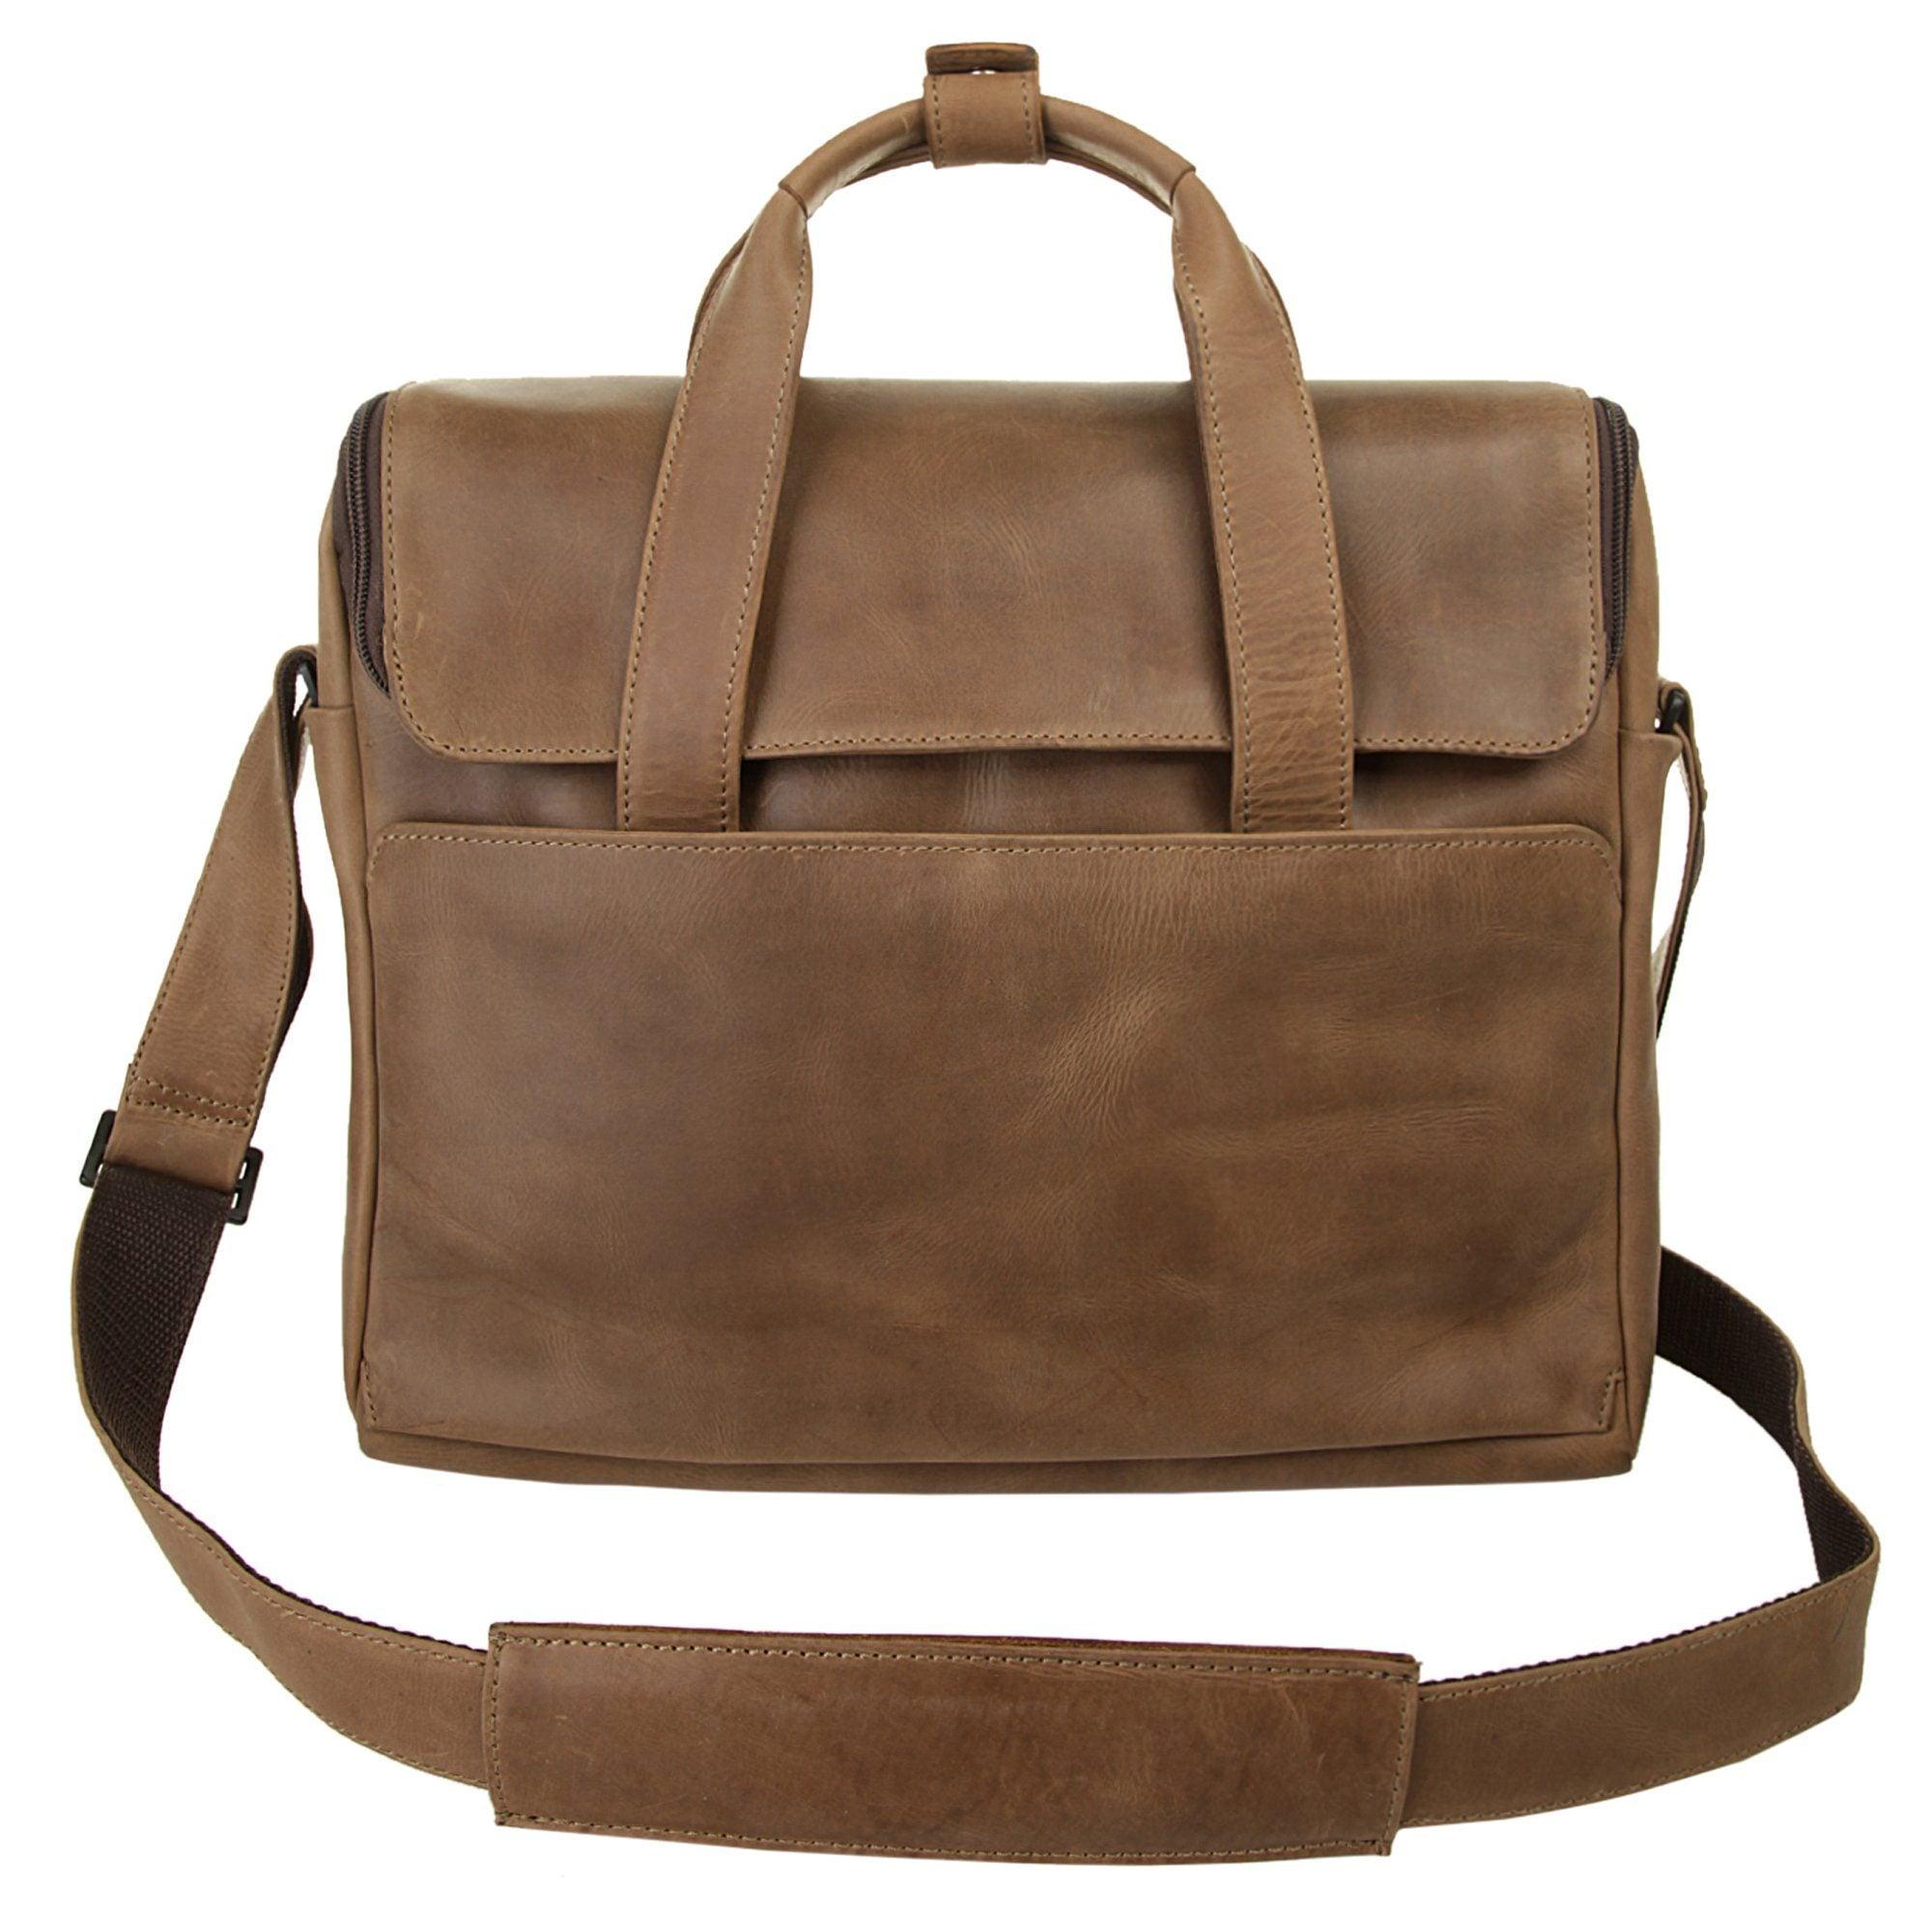 harolds laptoptasche 2in1 Breite 35 cm x Höhe 28 cm x Tiefe 9 cm IC5bx